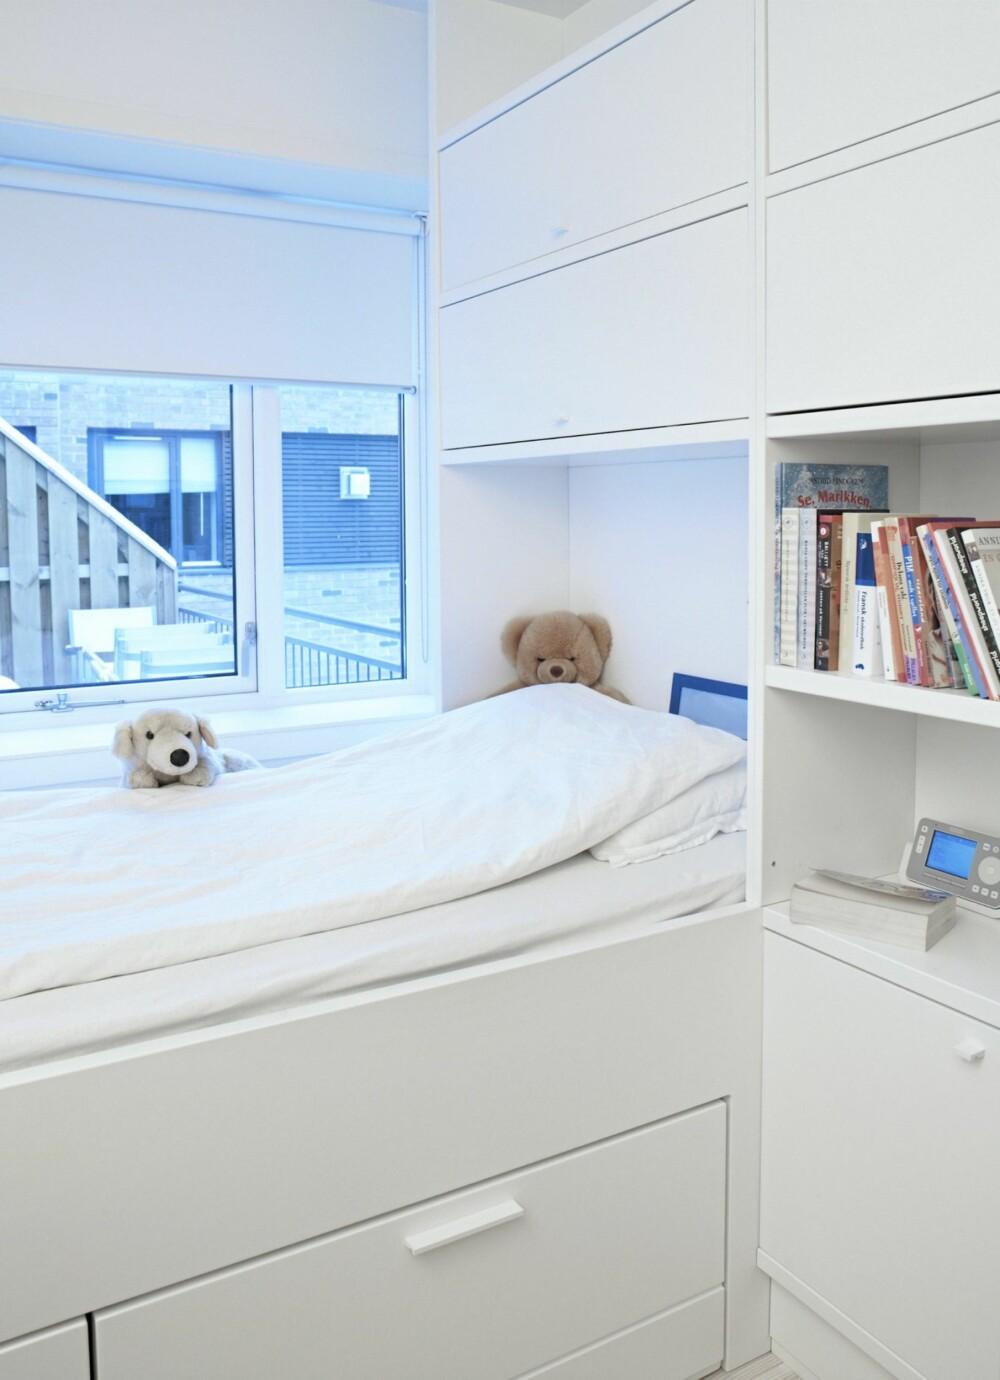 OPPBEVARING UNDER SENGEN: Plassen under sengen kan brukes til oppbevaring, som her med skuffer. Et annet alternativ er å sette sengen oppe på  lave skapseksjoner.